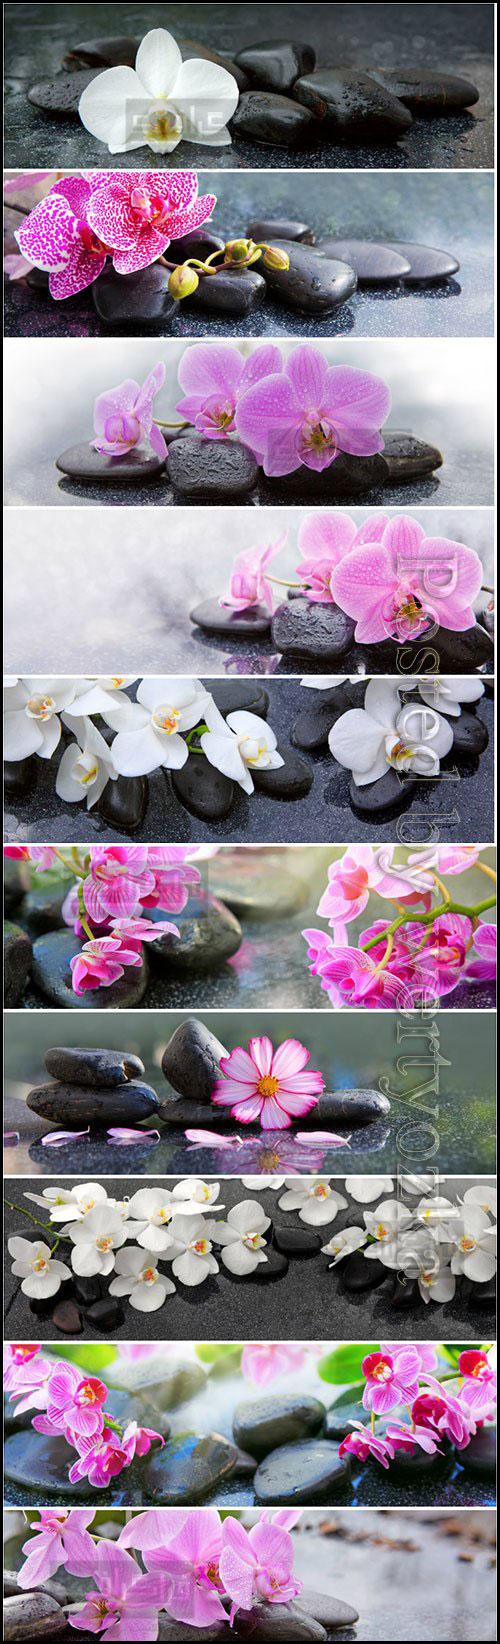 دانلود تصاویر استوک گل و سنگ اسپا